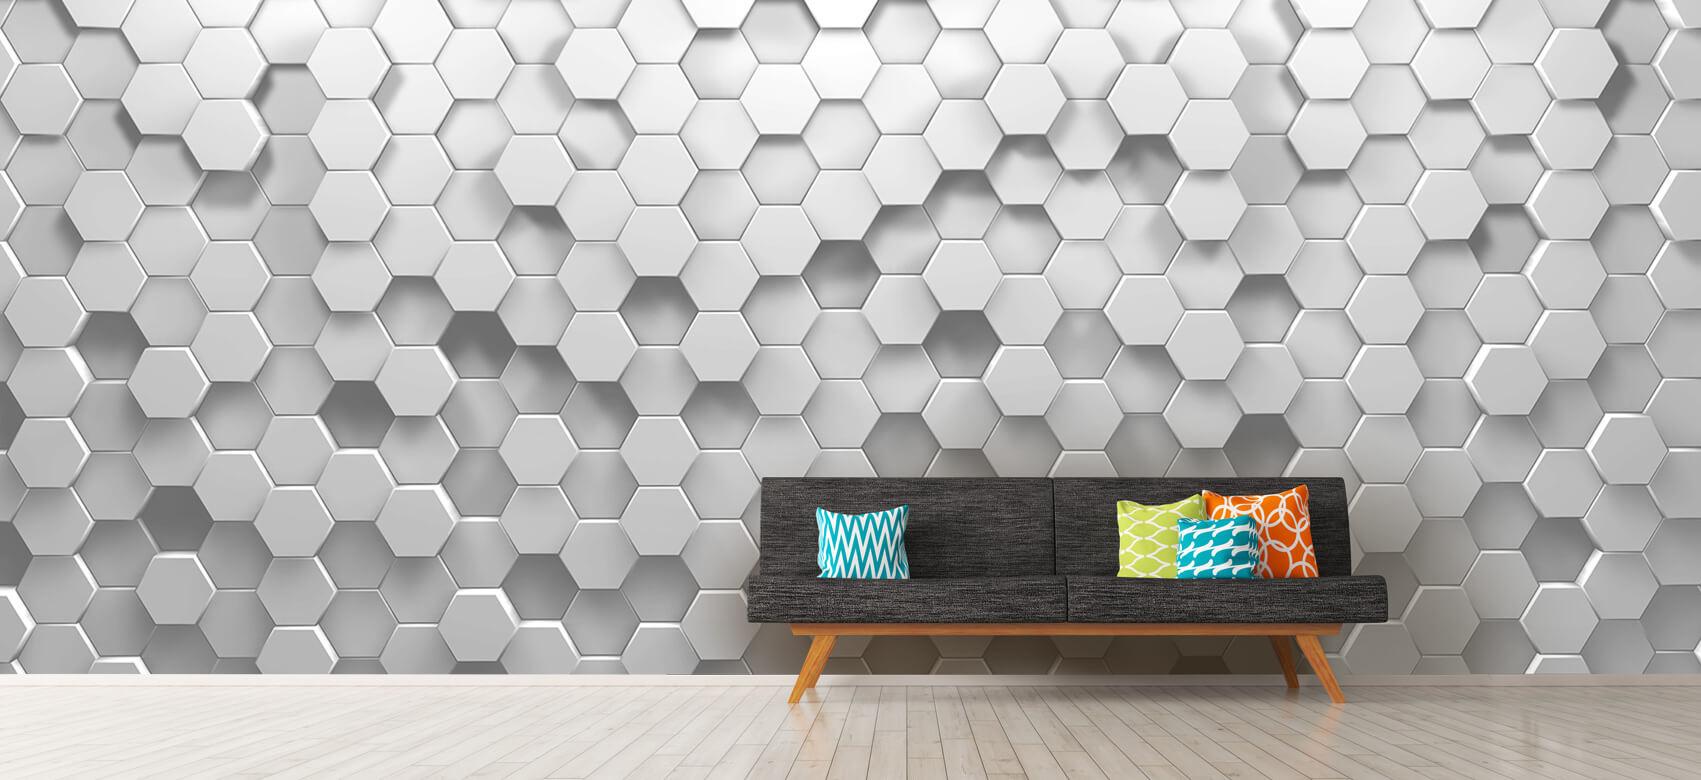 3D 3D Hexagons 8